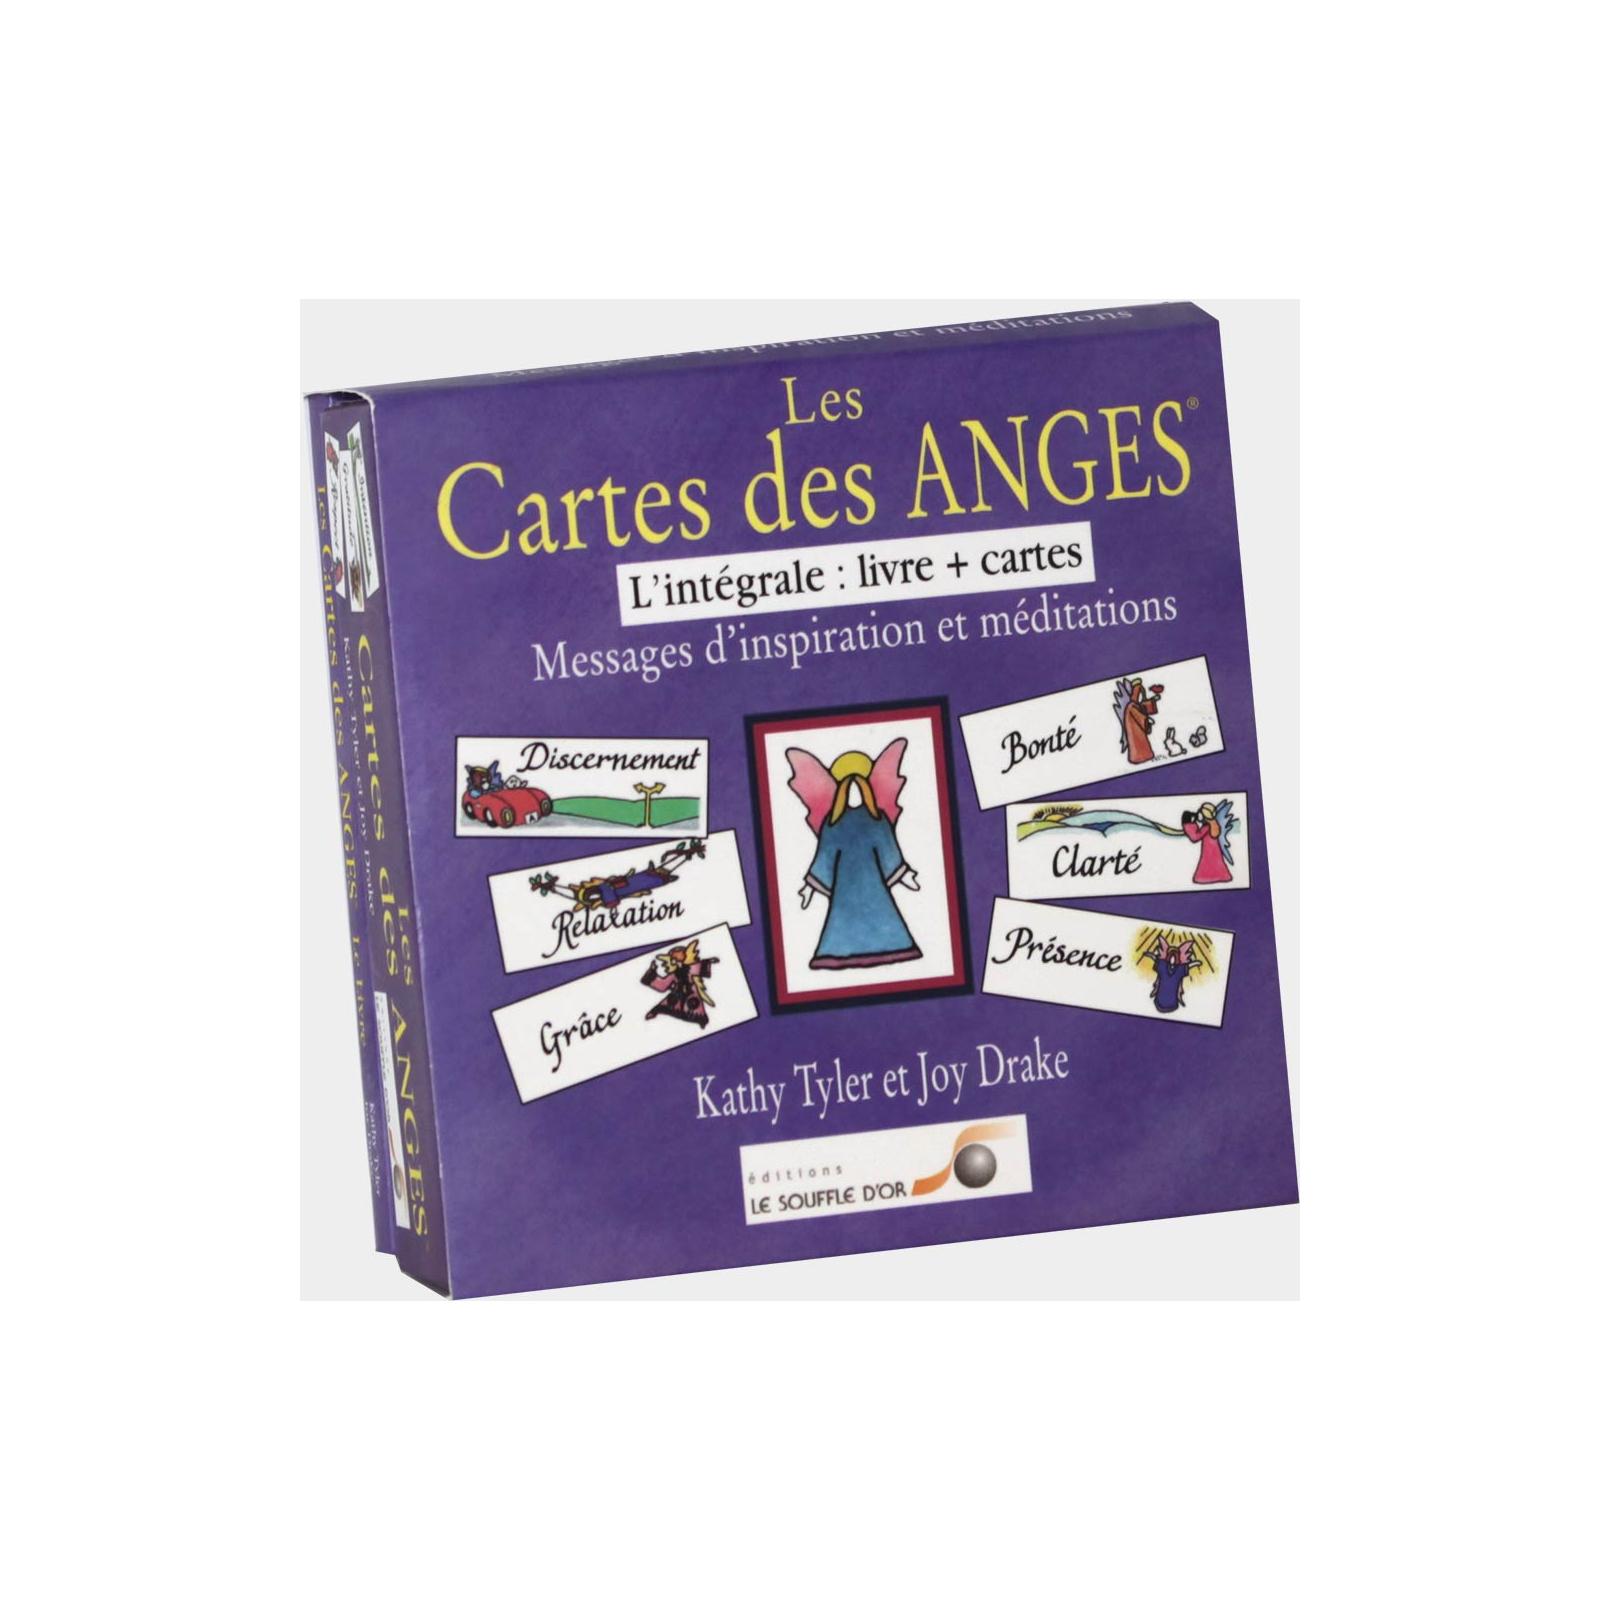 Les Cartes des Anges (L'intégrale livre + cartes)